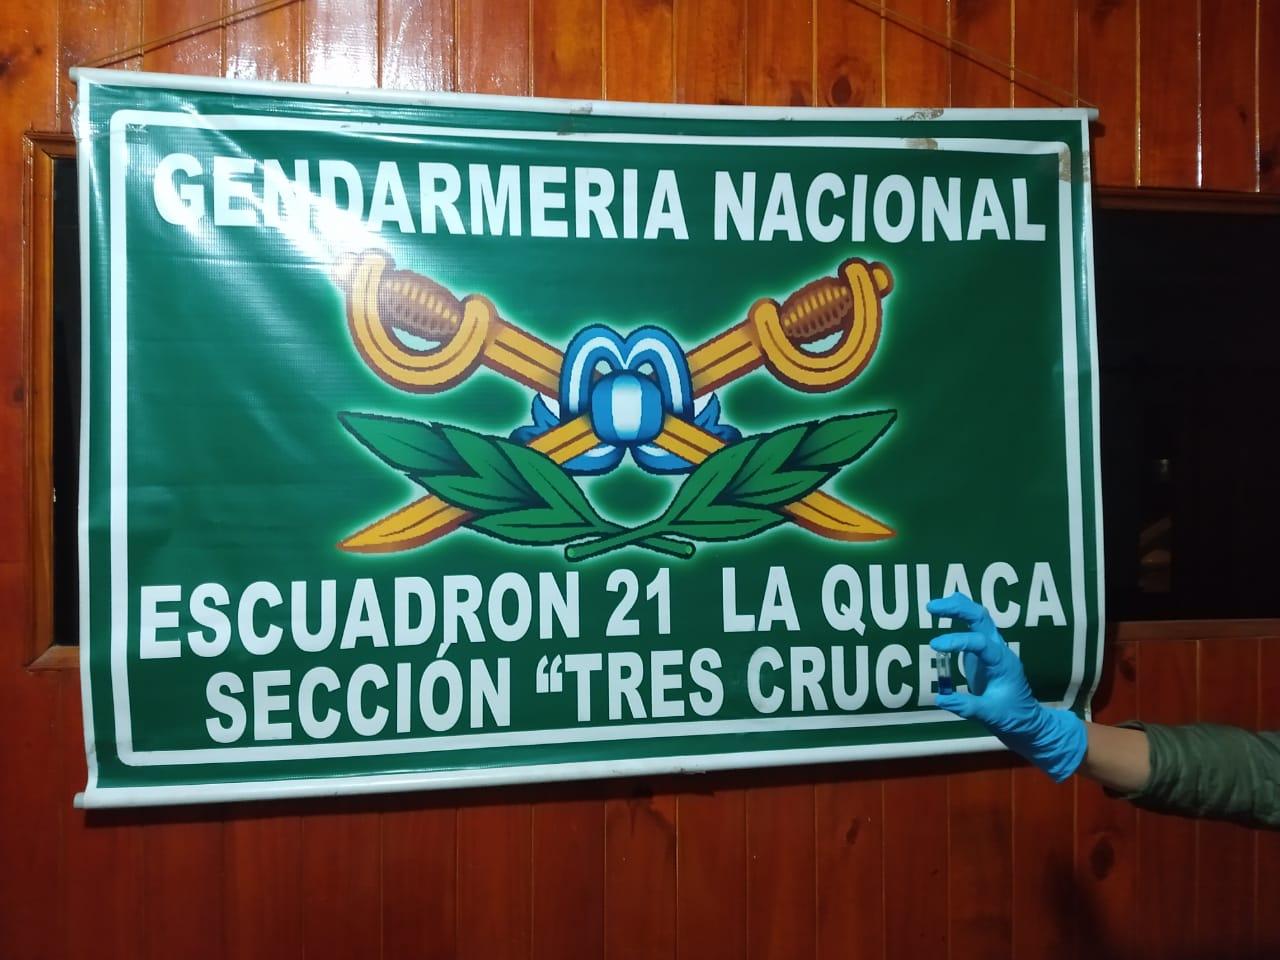 La Quiaca (1)